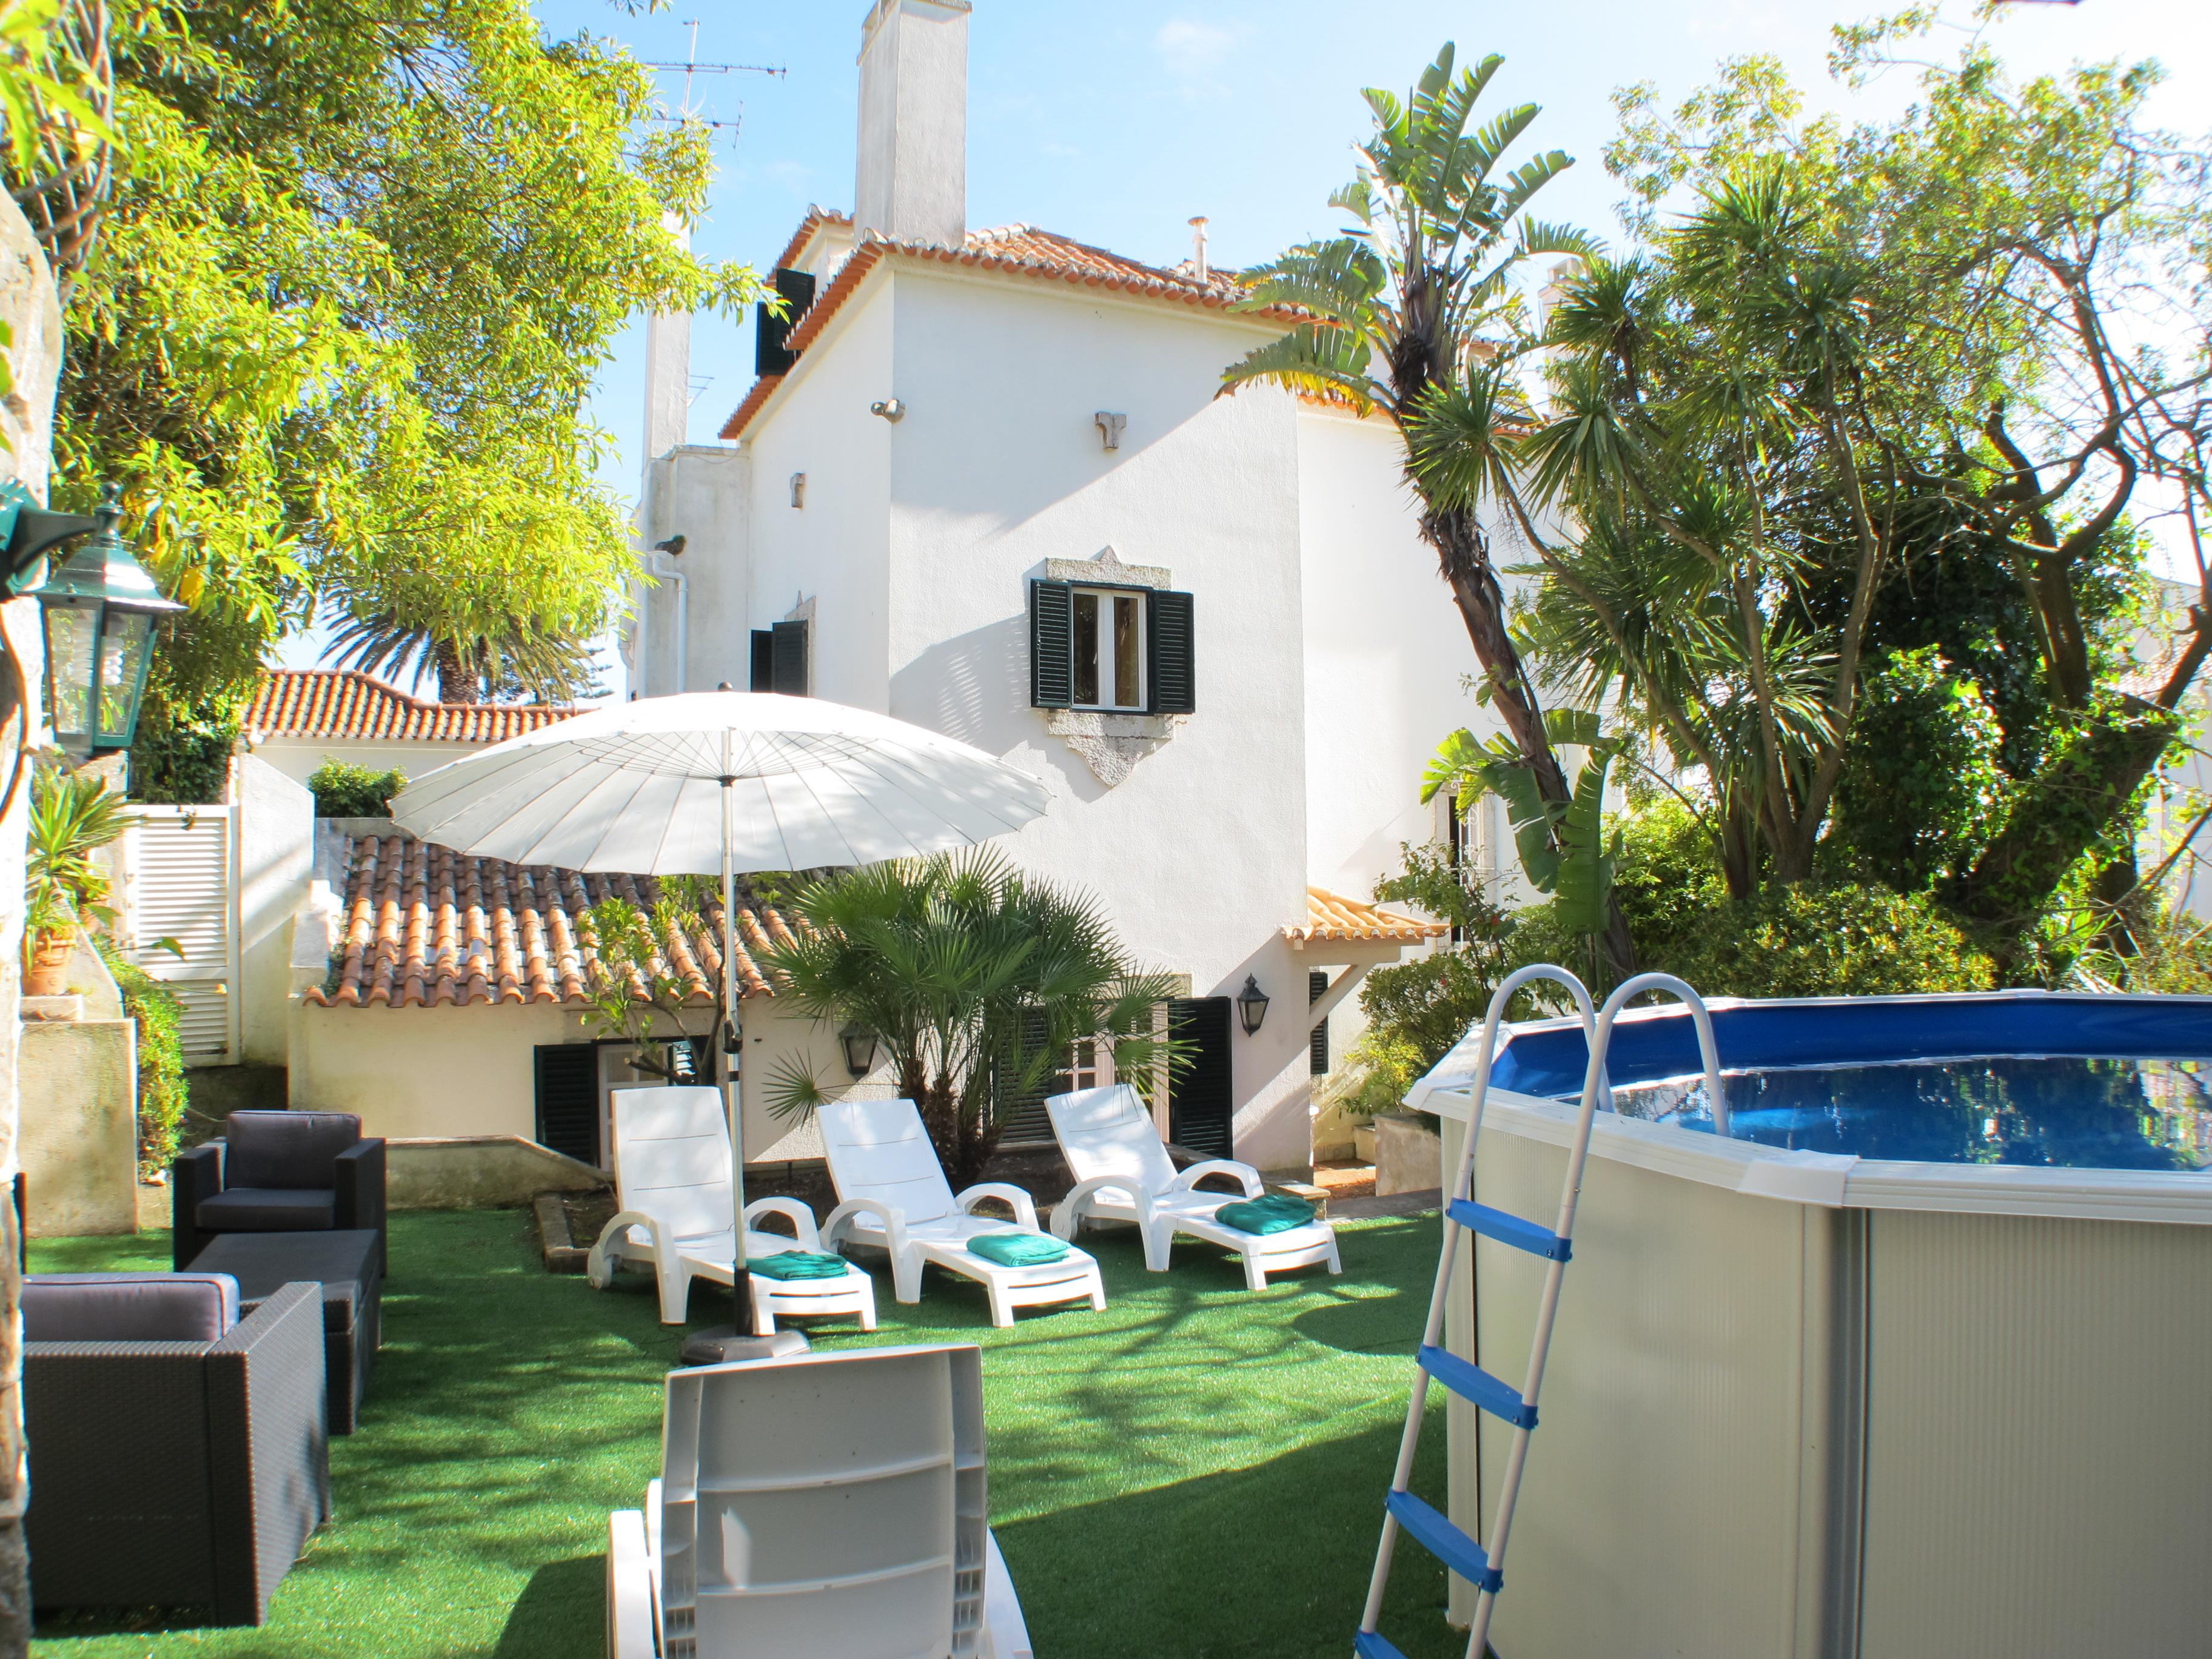 Villa Azamor – Spacious classical villa with garden and small pool in the centre of Estoril